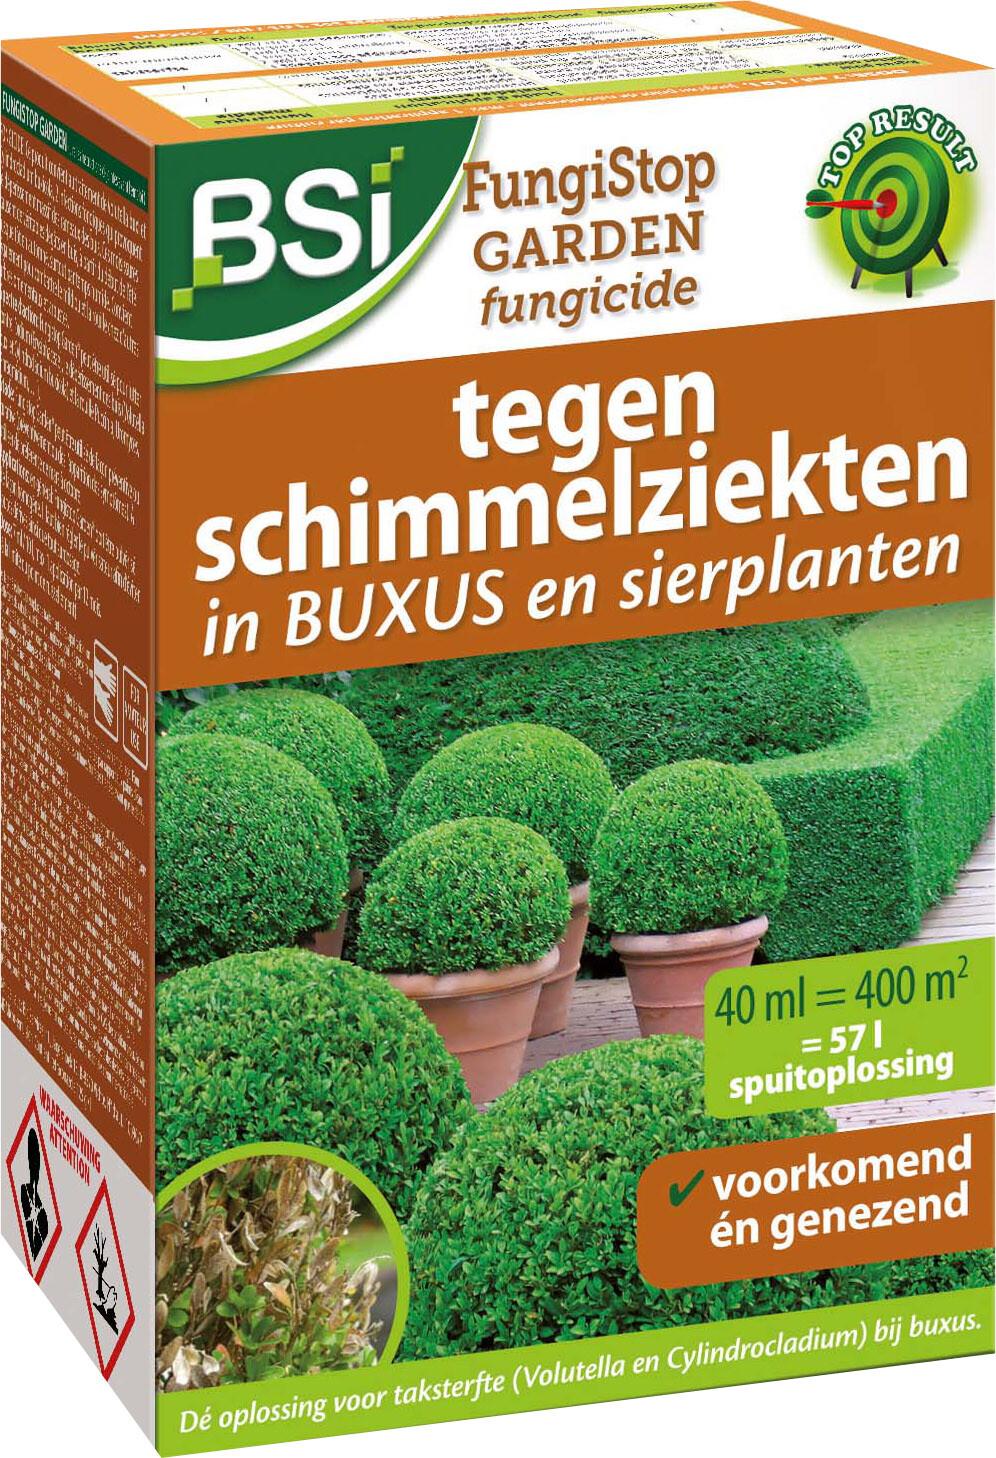 Buxusschimmels genezen en voorkomen400 m2